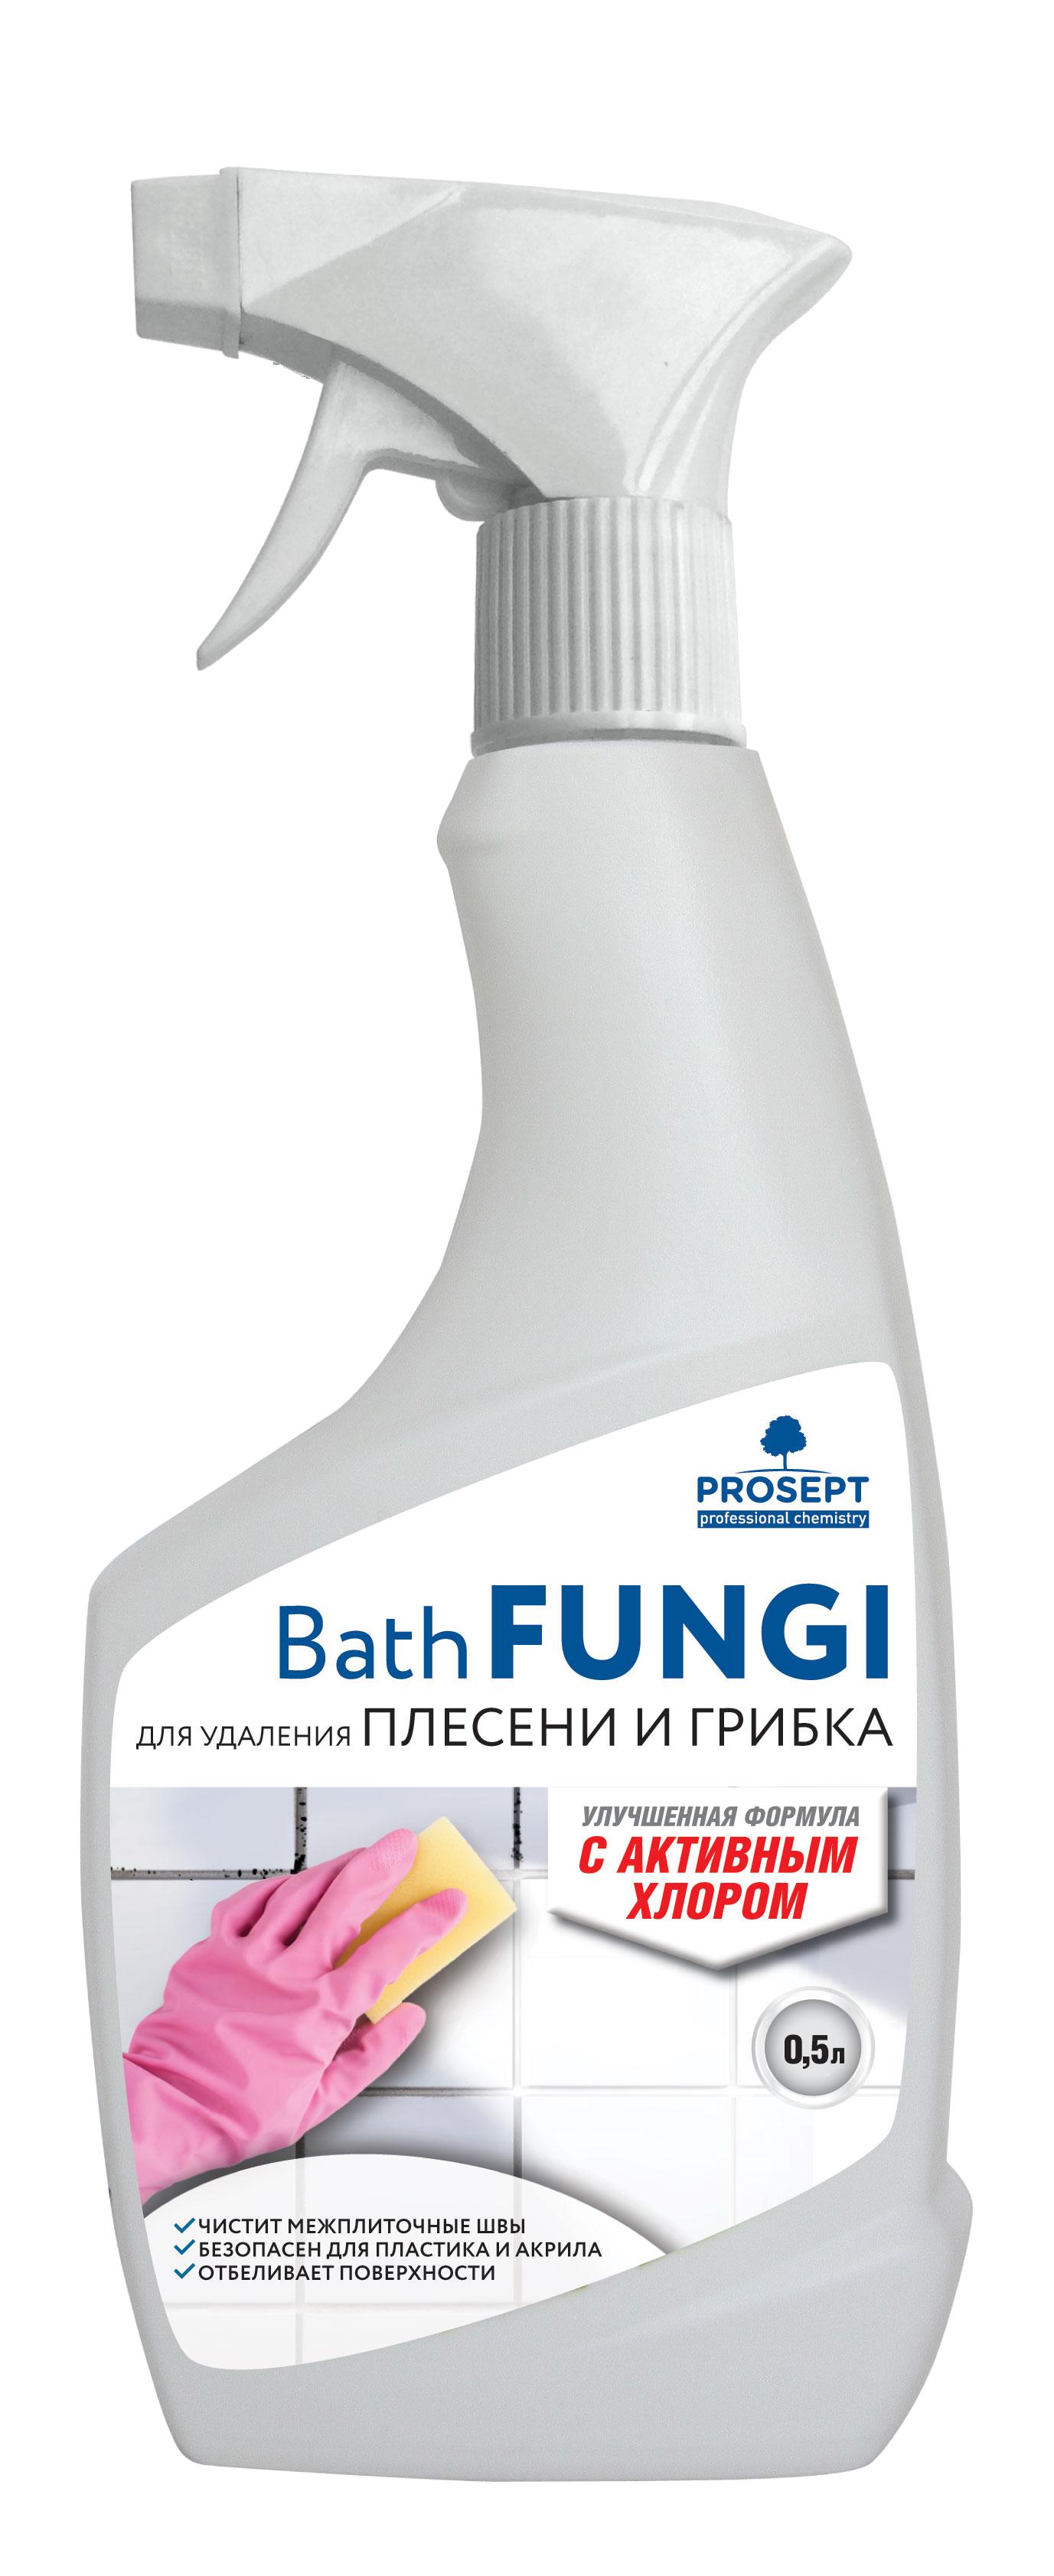 Bath Fungy